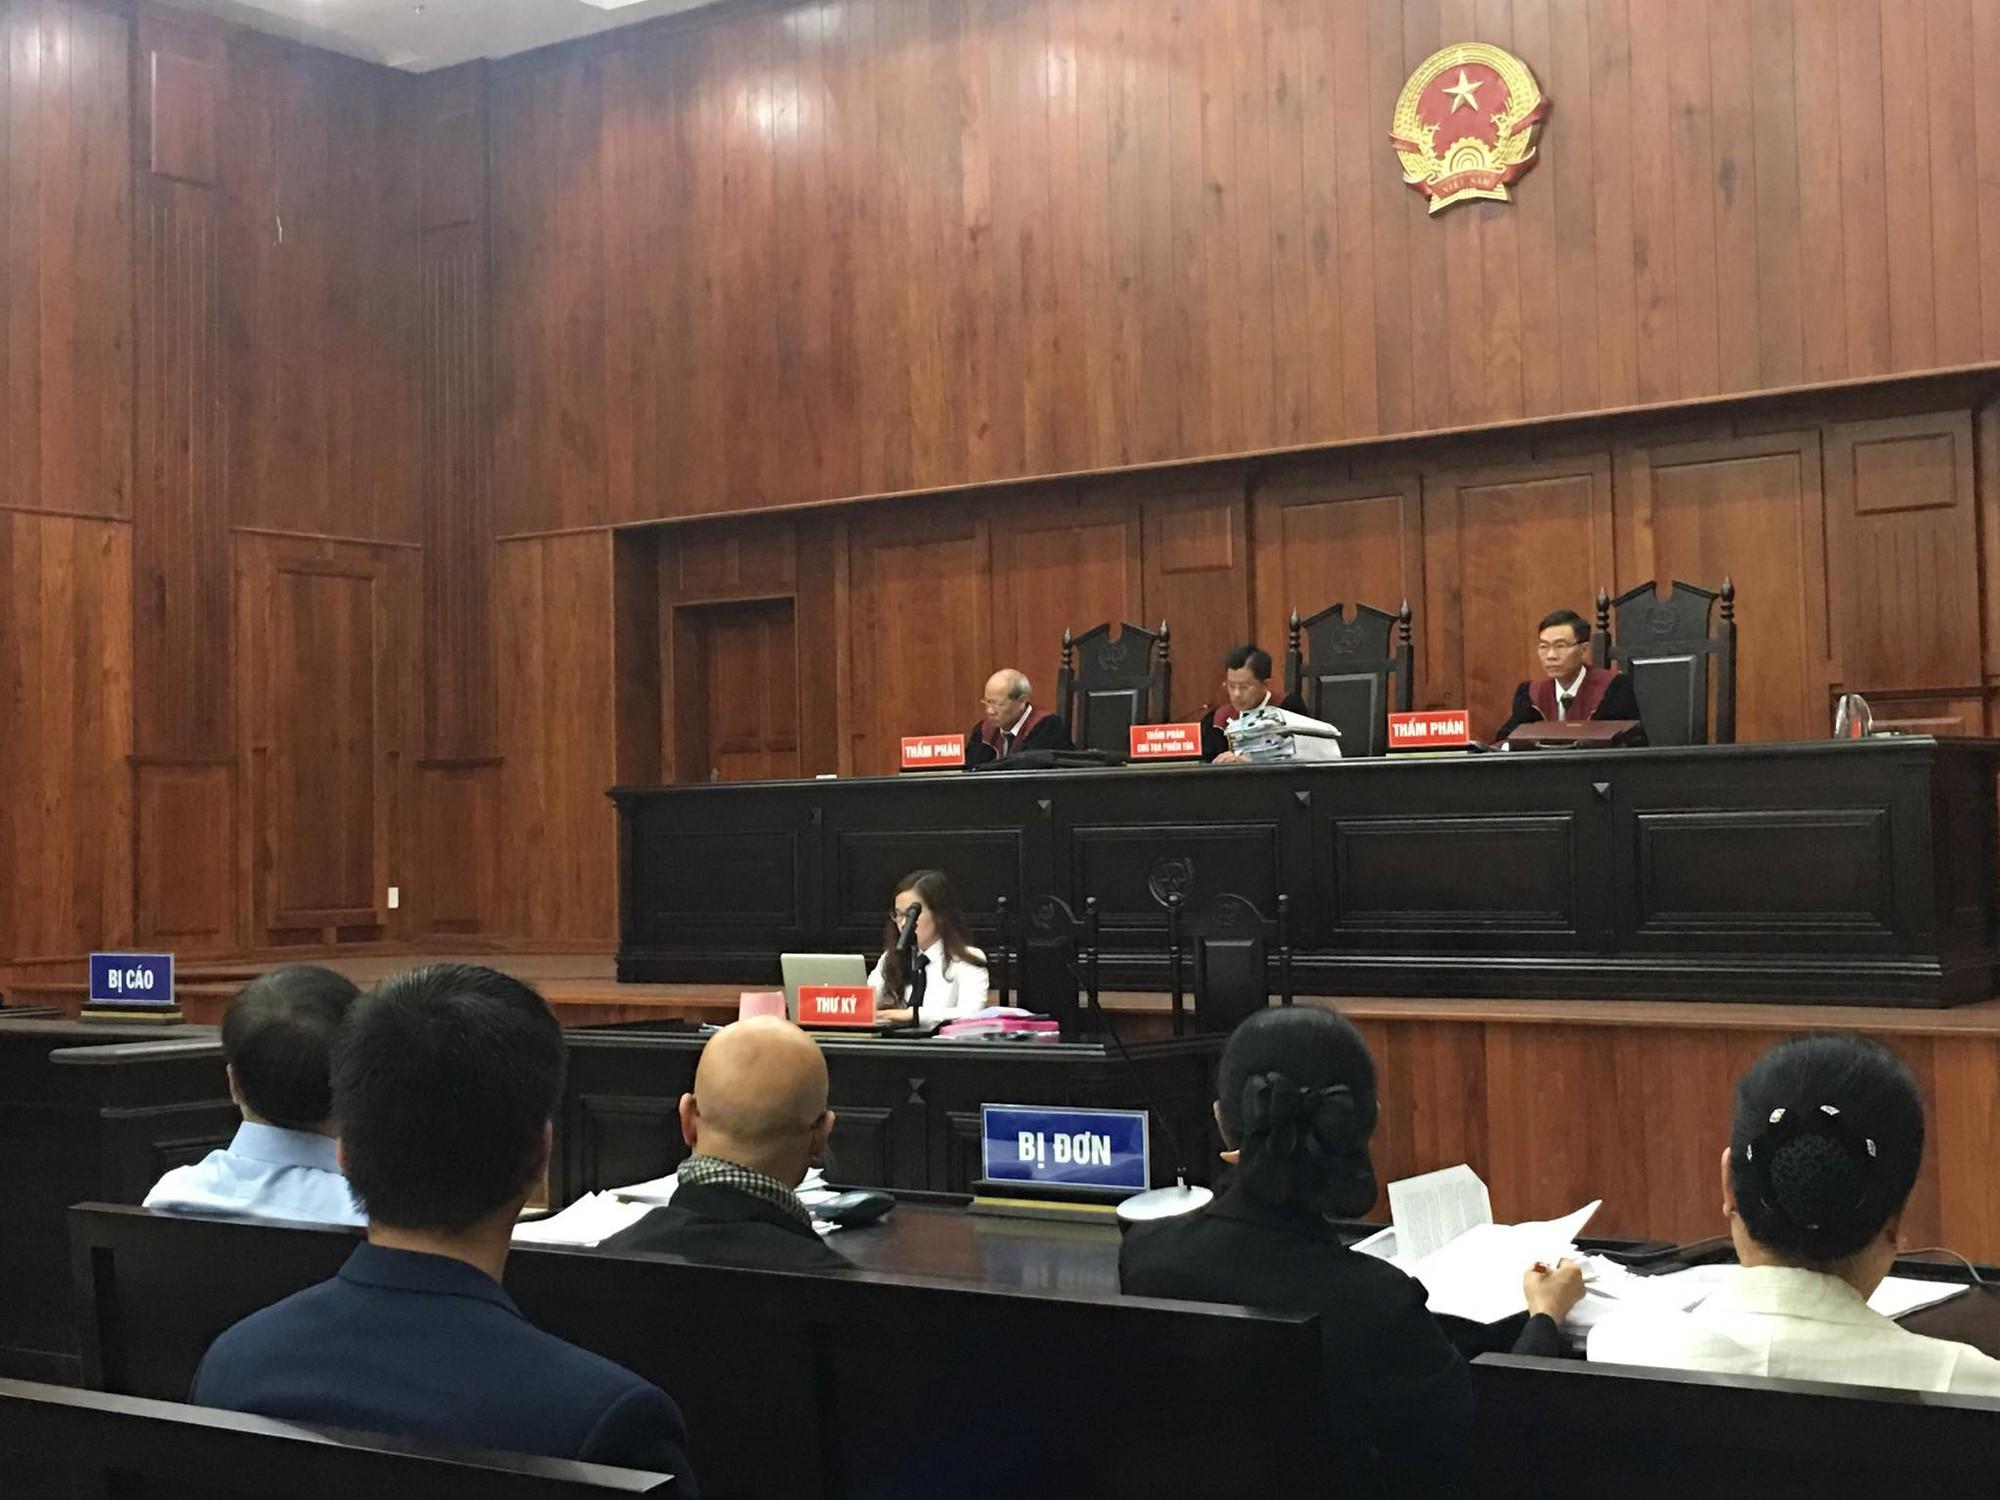 NÓNG: Bà Thảo vắng mặt trong phiên tòa ly hôn nghìn tỷ, ông Vũ cho biết không muốn nhắc đến chuyện gia đình-12